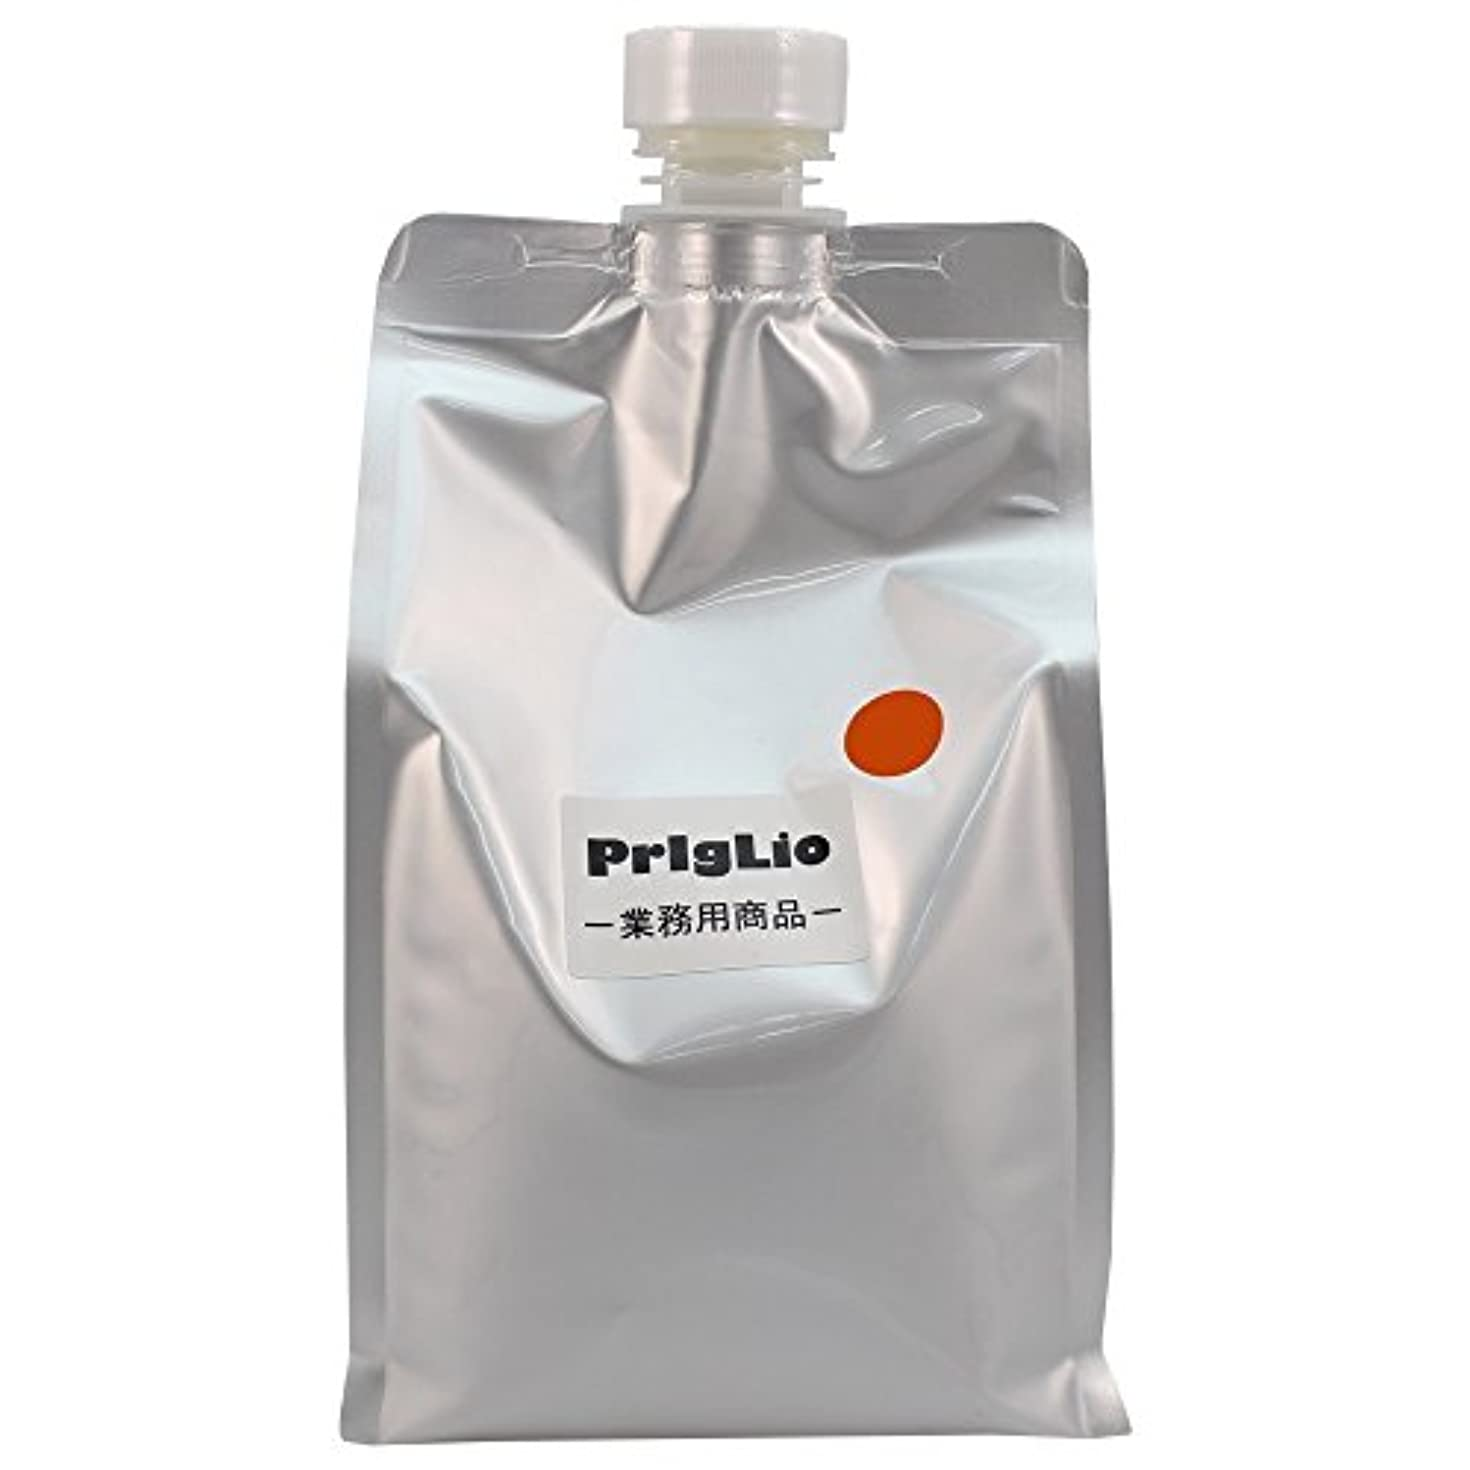 検査官専門用語軽プリグリオD ヘアサプリメント オレンジ 900ml